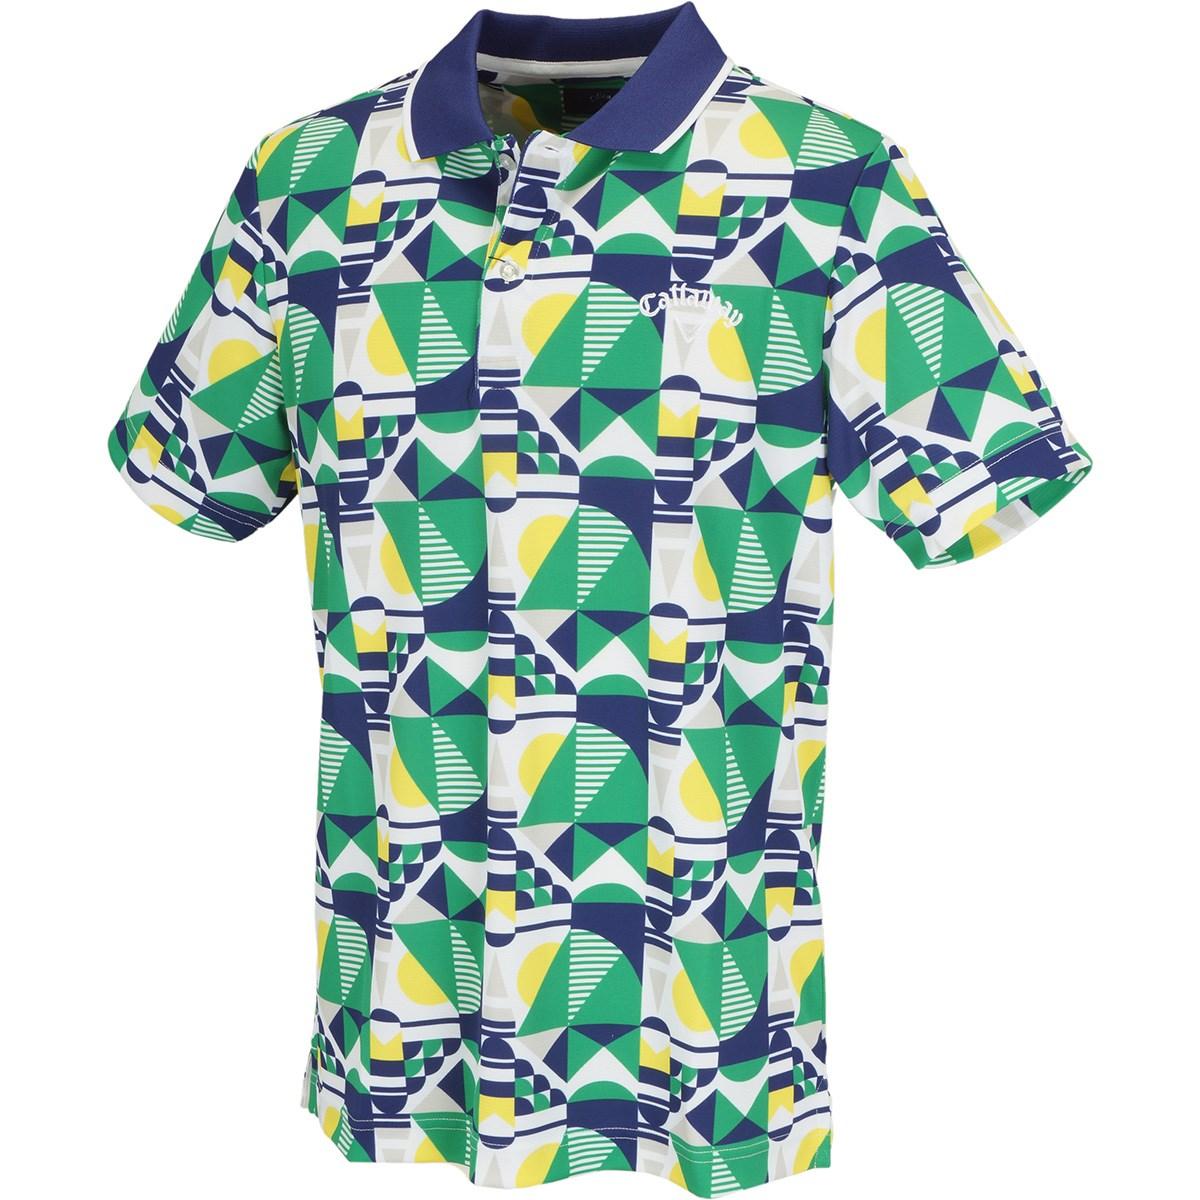 キャロウェイゴルフ(Callaway Golf) 幾何学柄プリント -2℃+200cc 半袖ポロシャツ